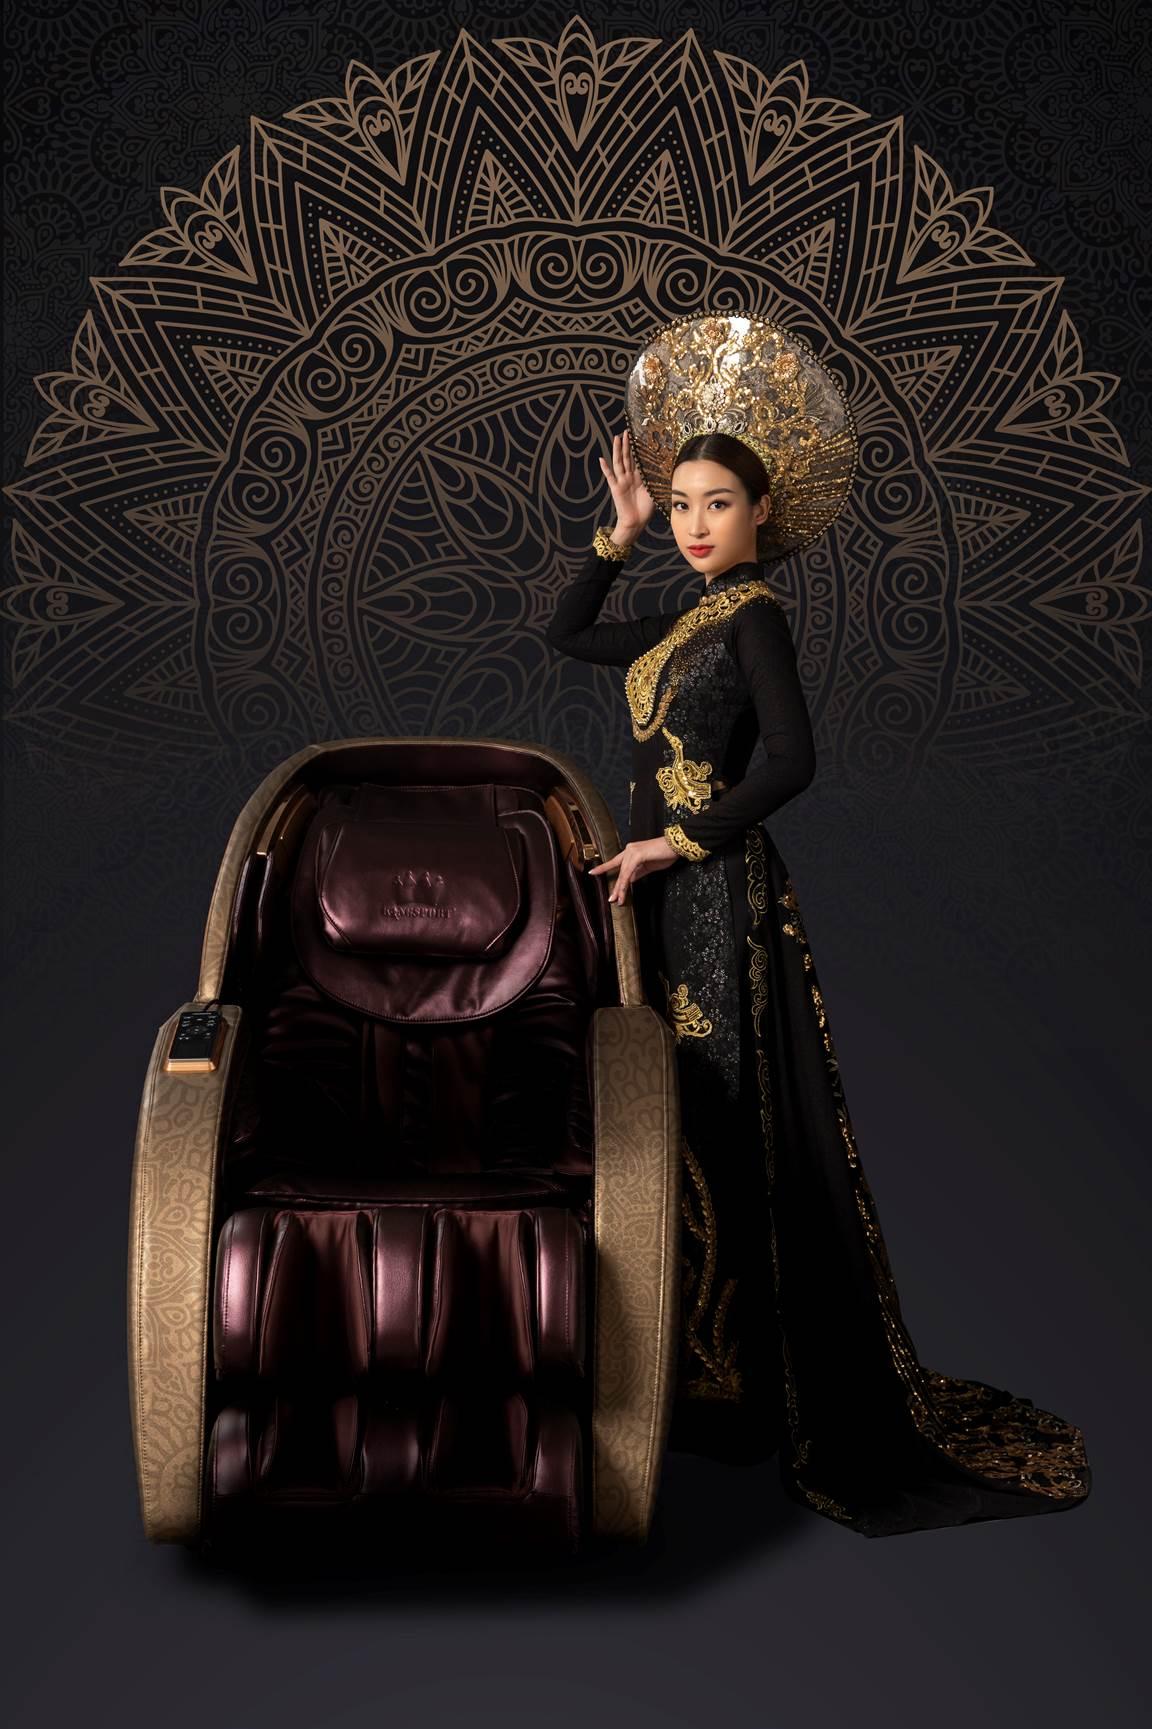 Với chiều cao 1m71, thân hình chuẩn và gương mặt xinh đẹp chuẩn Á Đông, nền nã, Đỗ Mỹ Linh được nhiều khán giả hâm mộ ưu ái gọi là Hoa hậu mặc áo dài gây thương nhớ nhất.